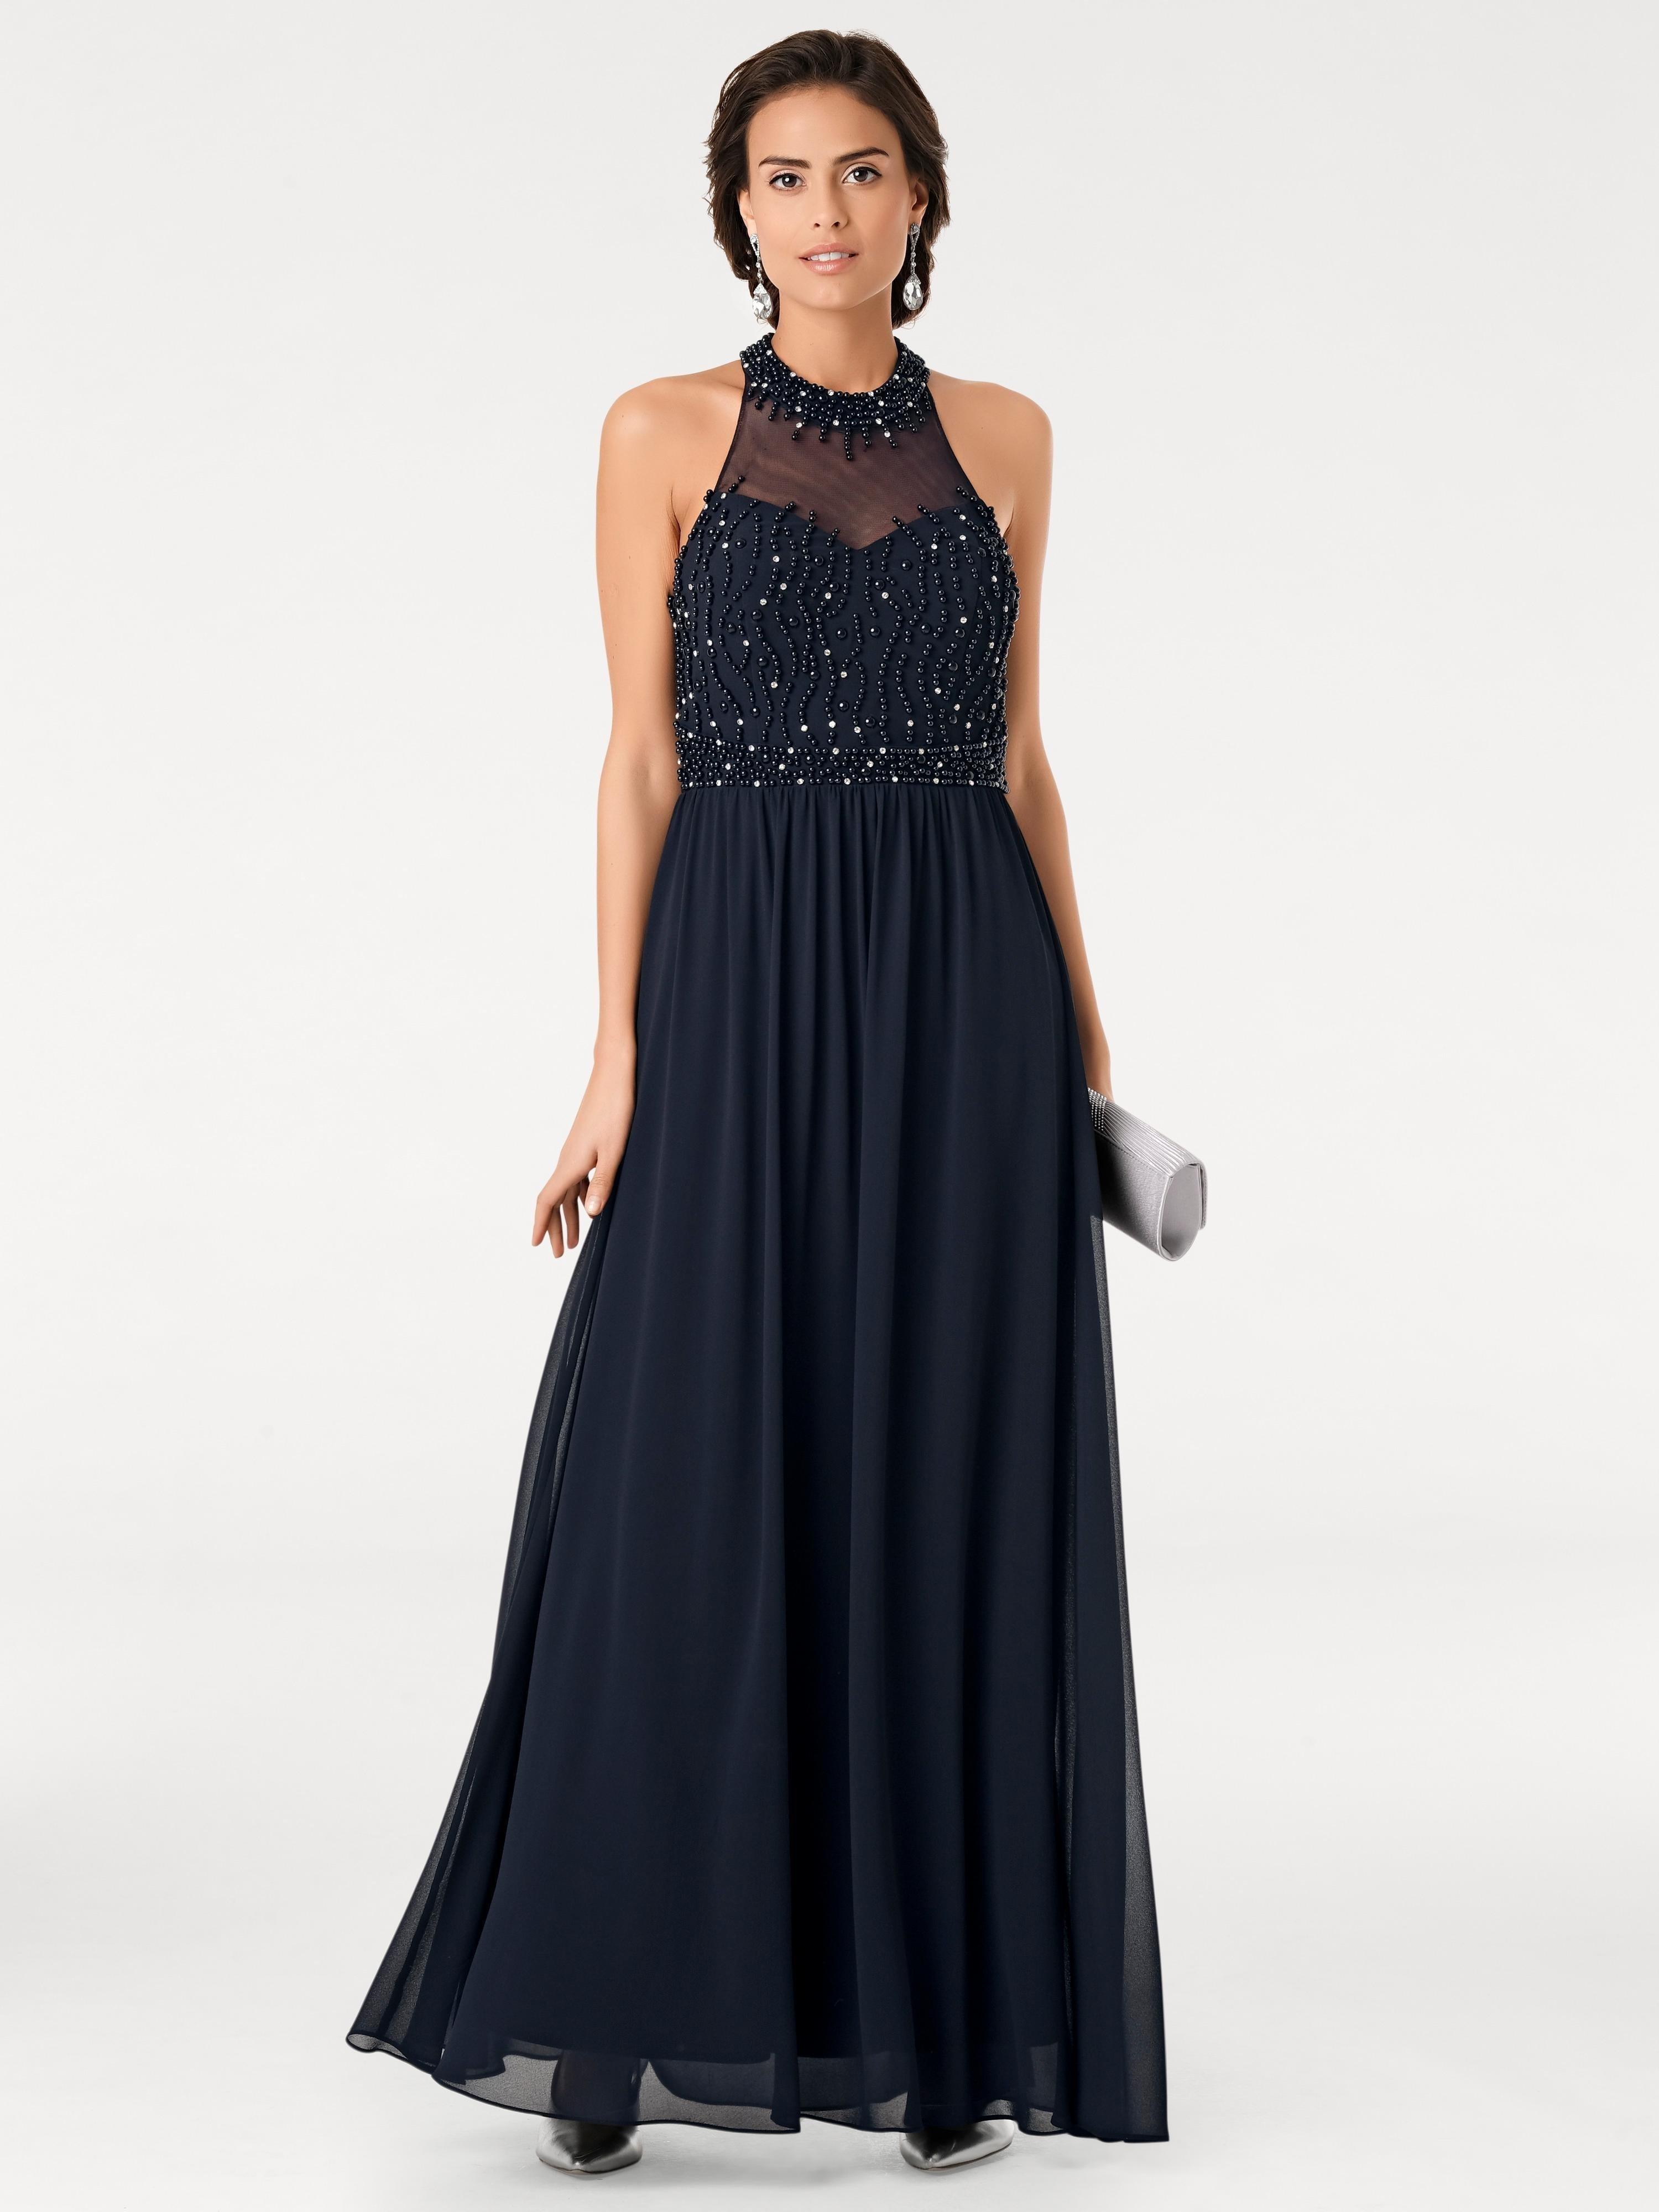 Designer Luxus Lange Abendkleider Günstig Kaufen Stylish10 Erstaunlich Lange Abendkleider Günstig Kaufen Bester Preis